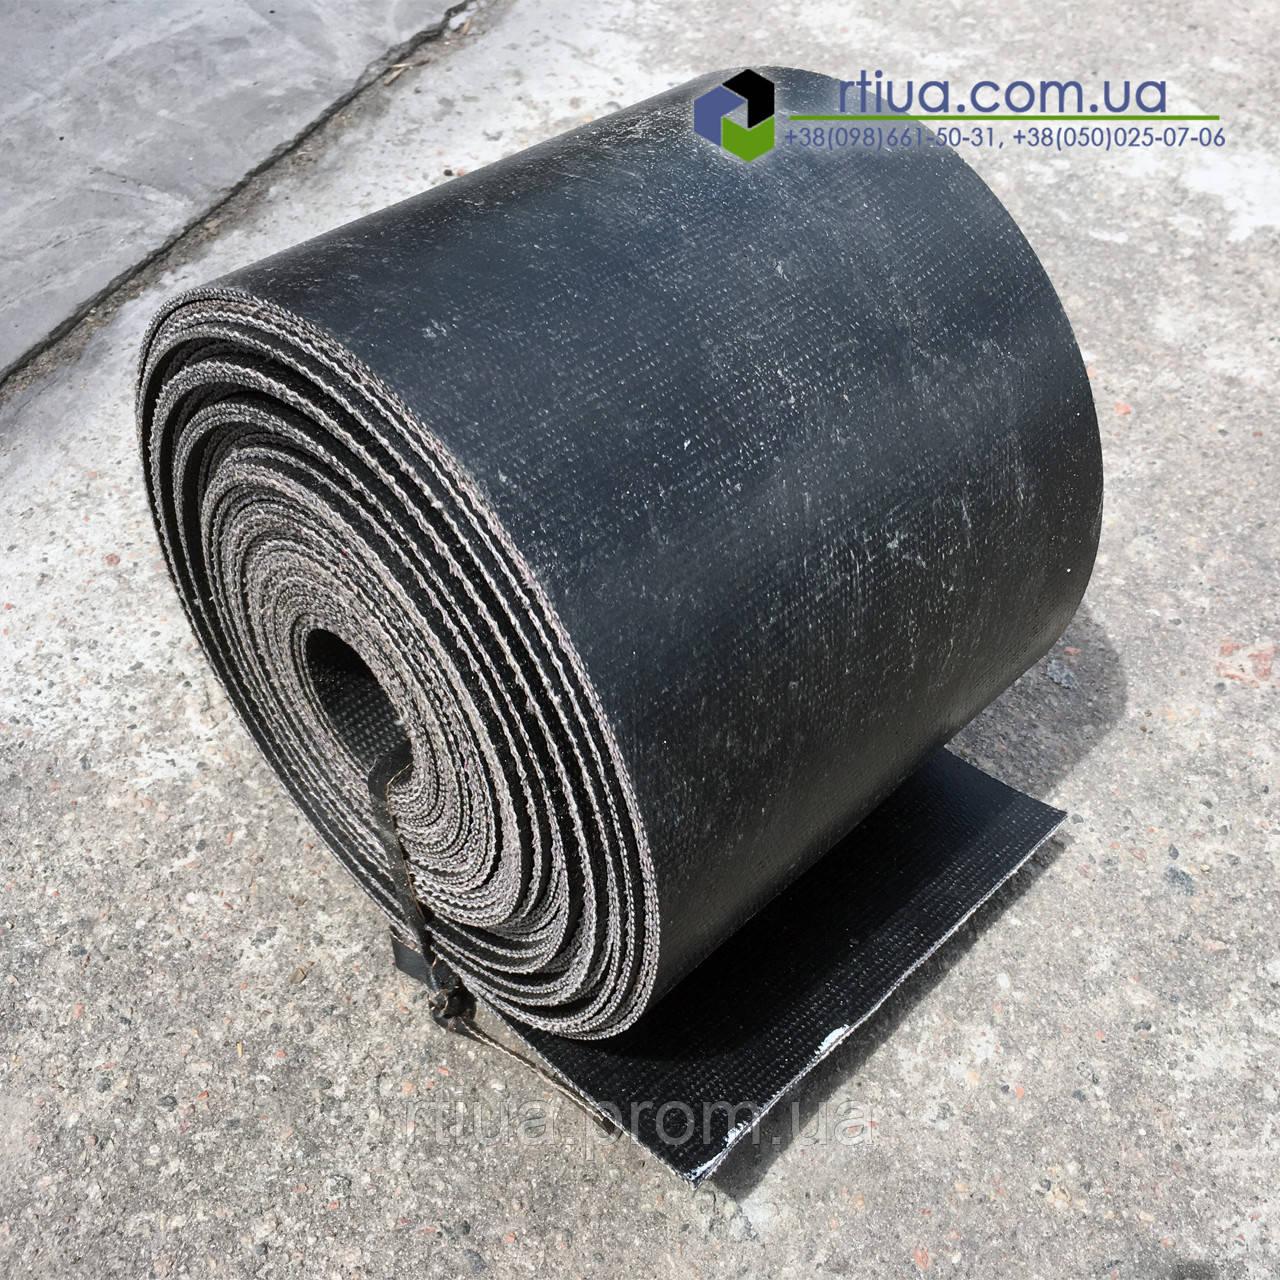 Транспортерная лента БКНЛ, 650х4 мм